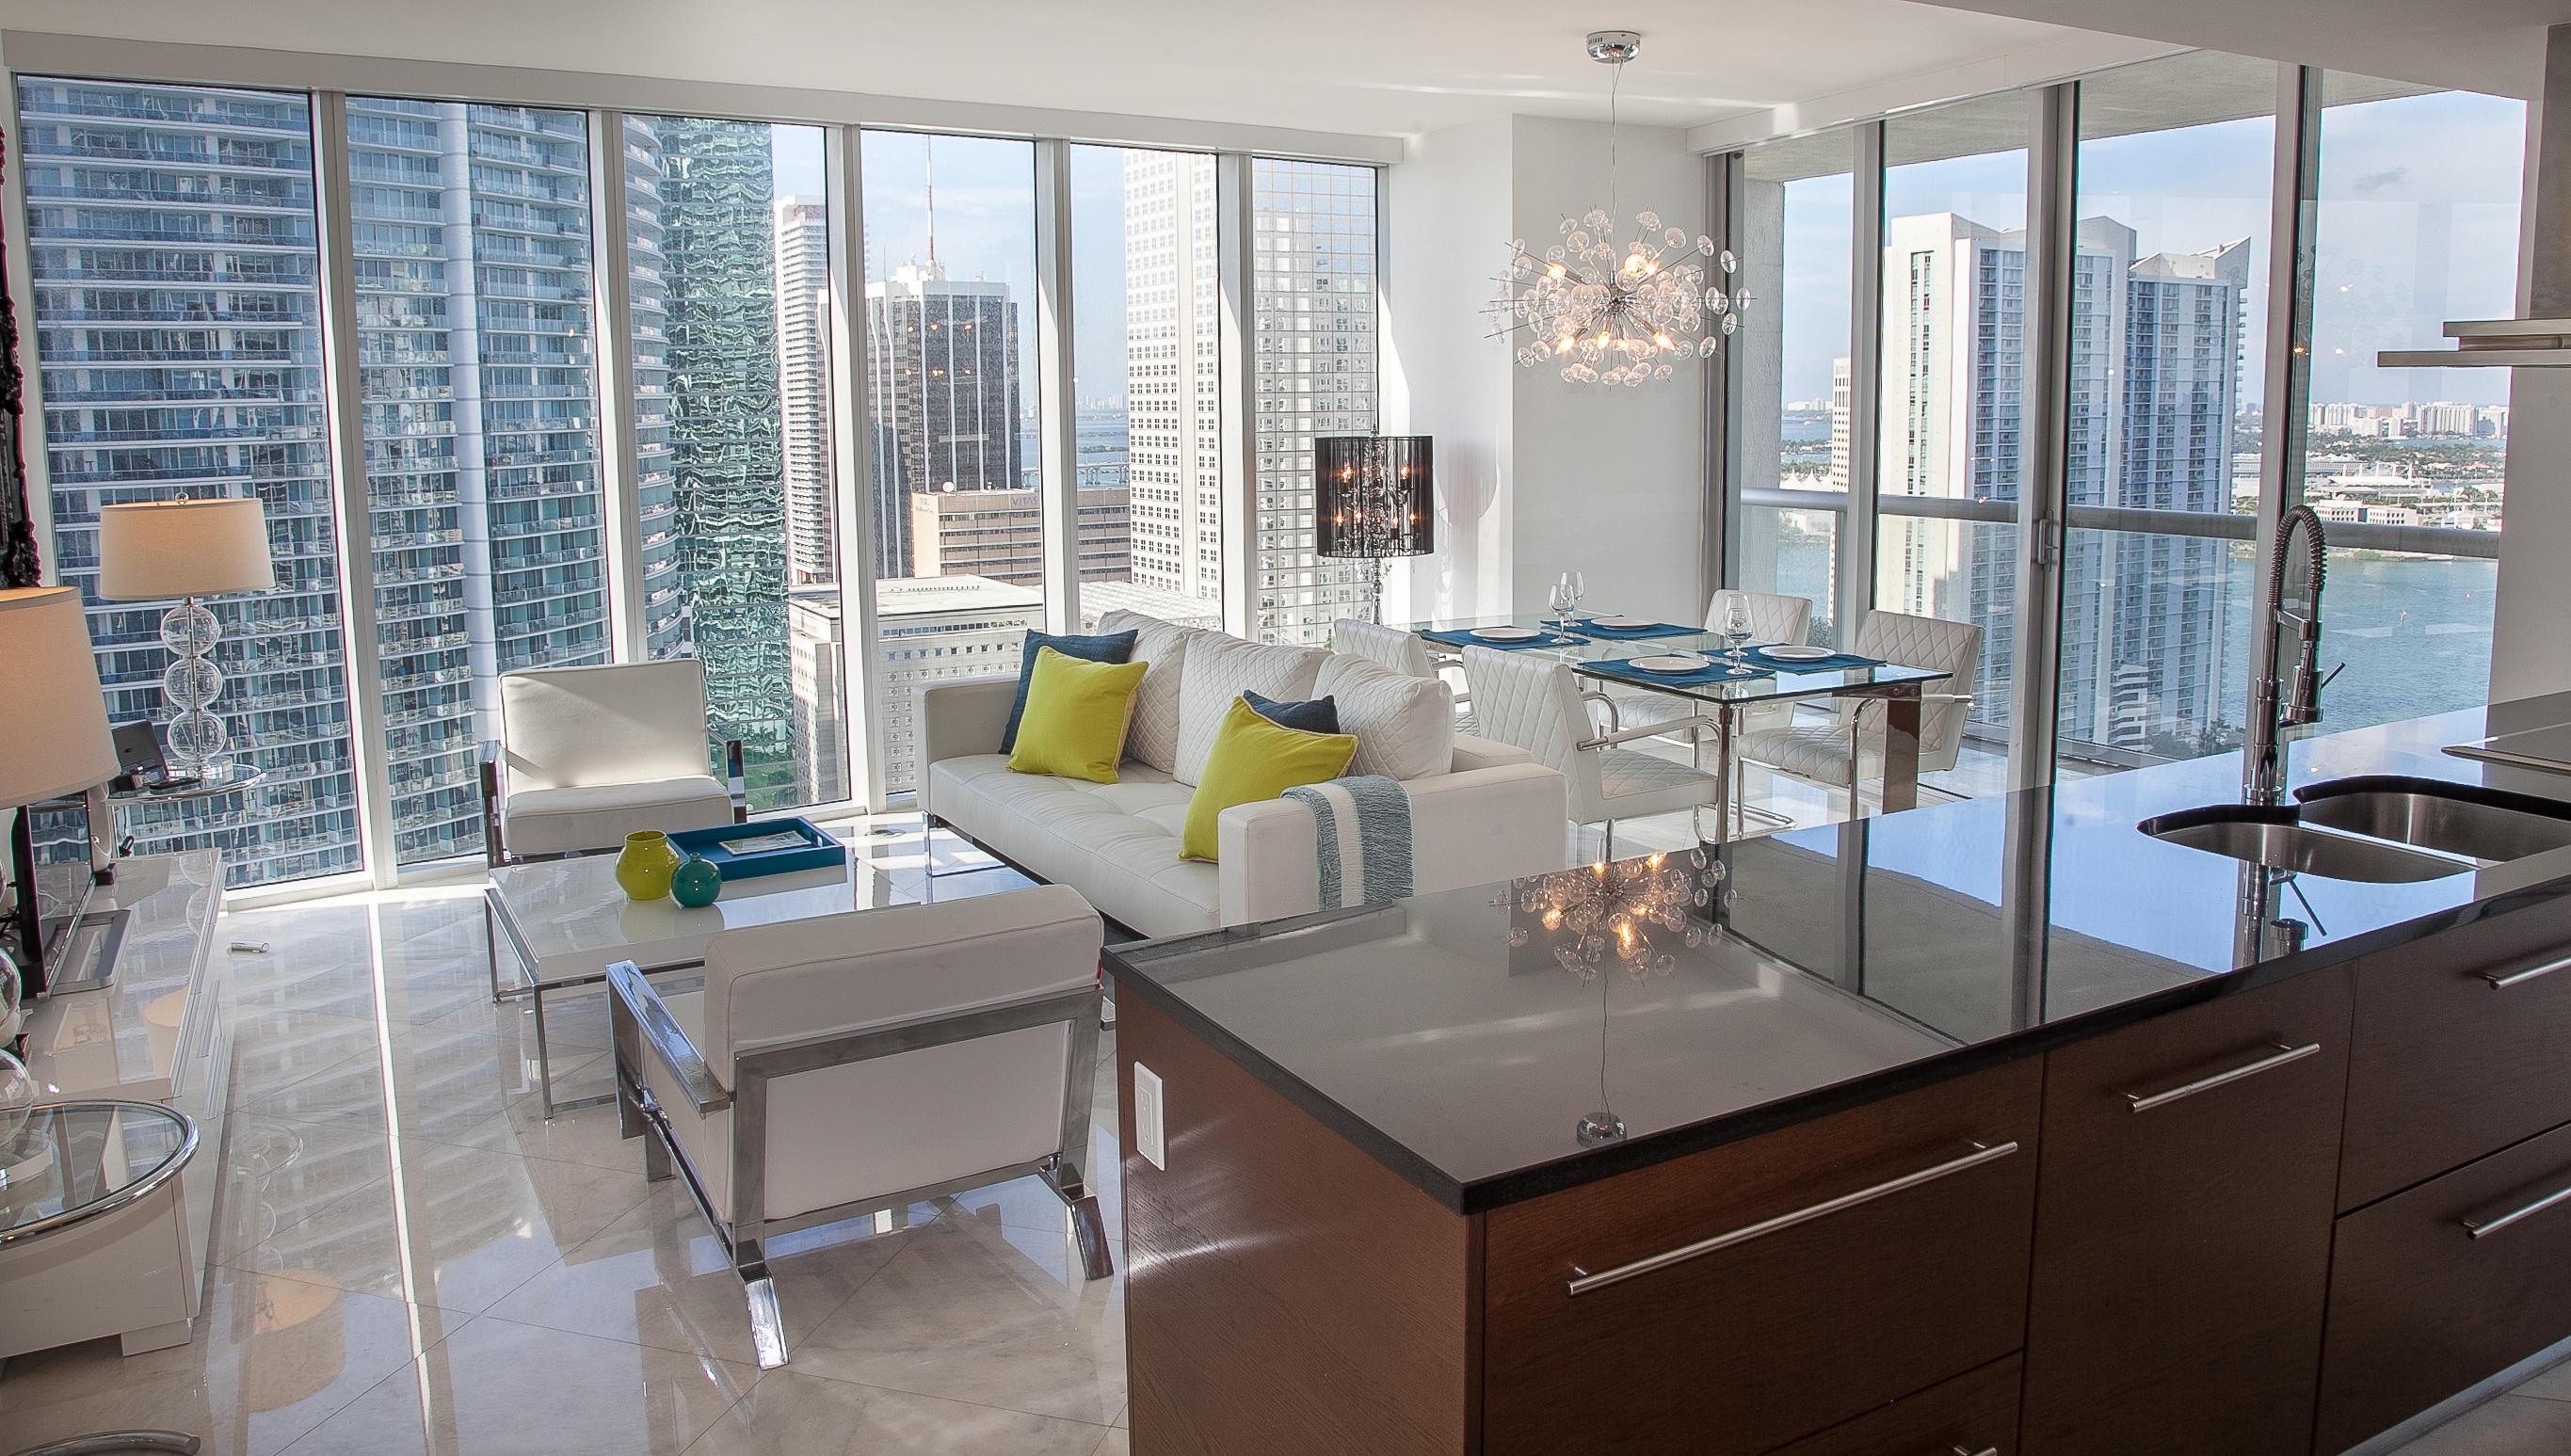 Miami Vacation Rentals - Brickell image 6